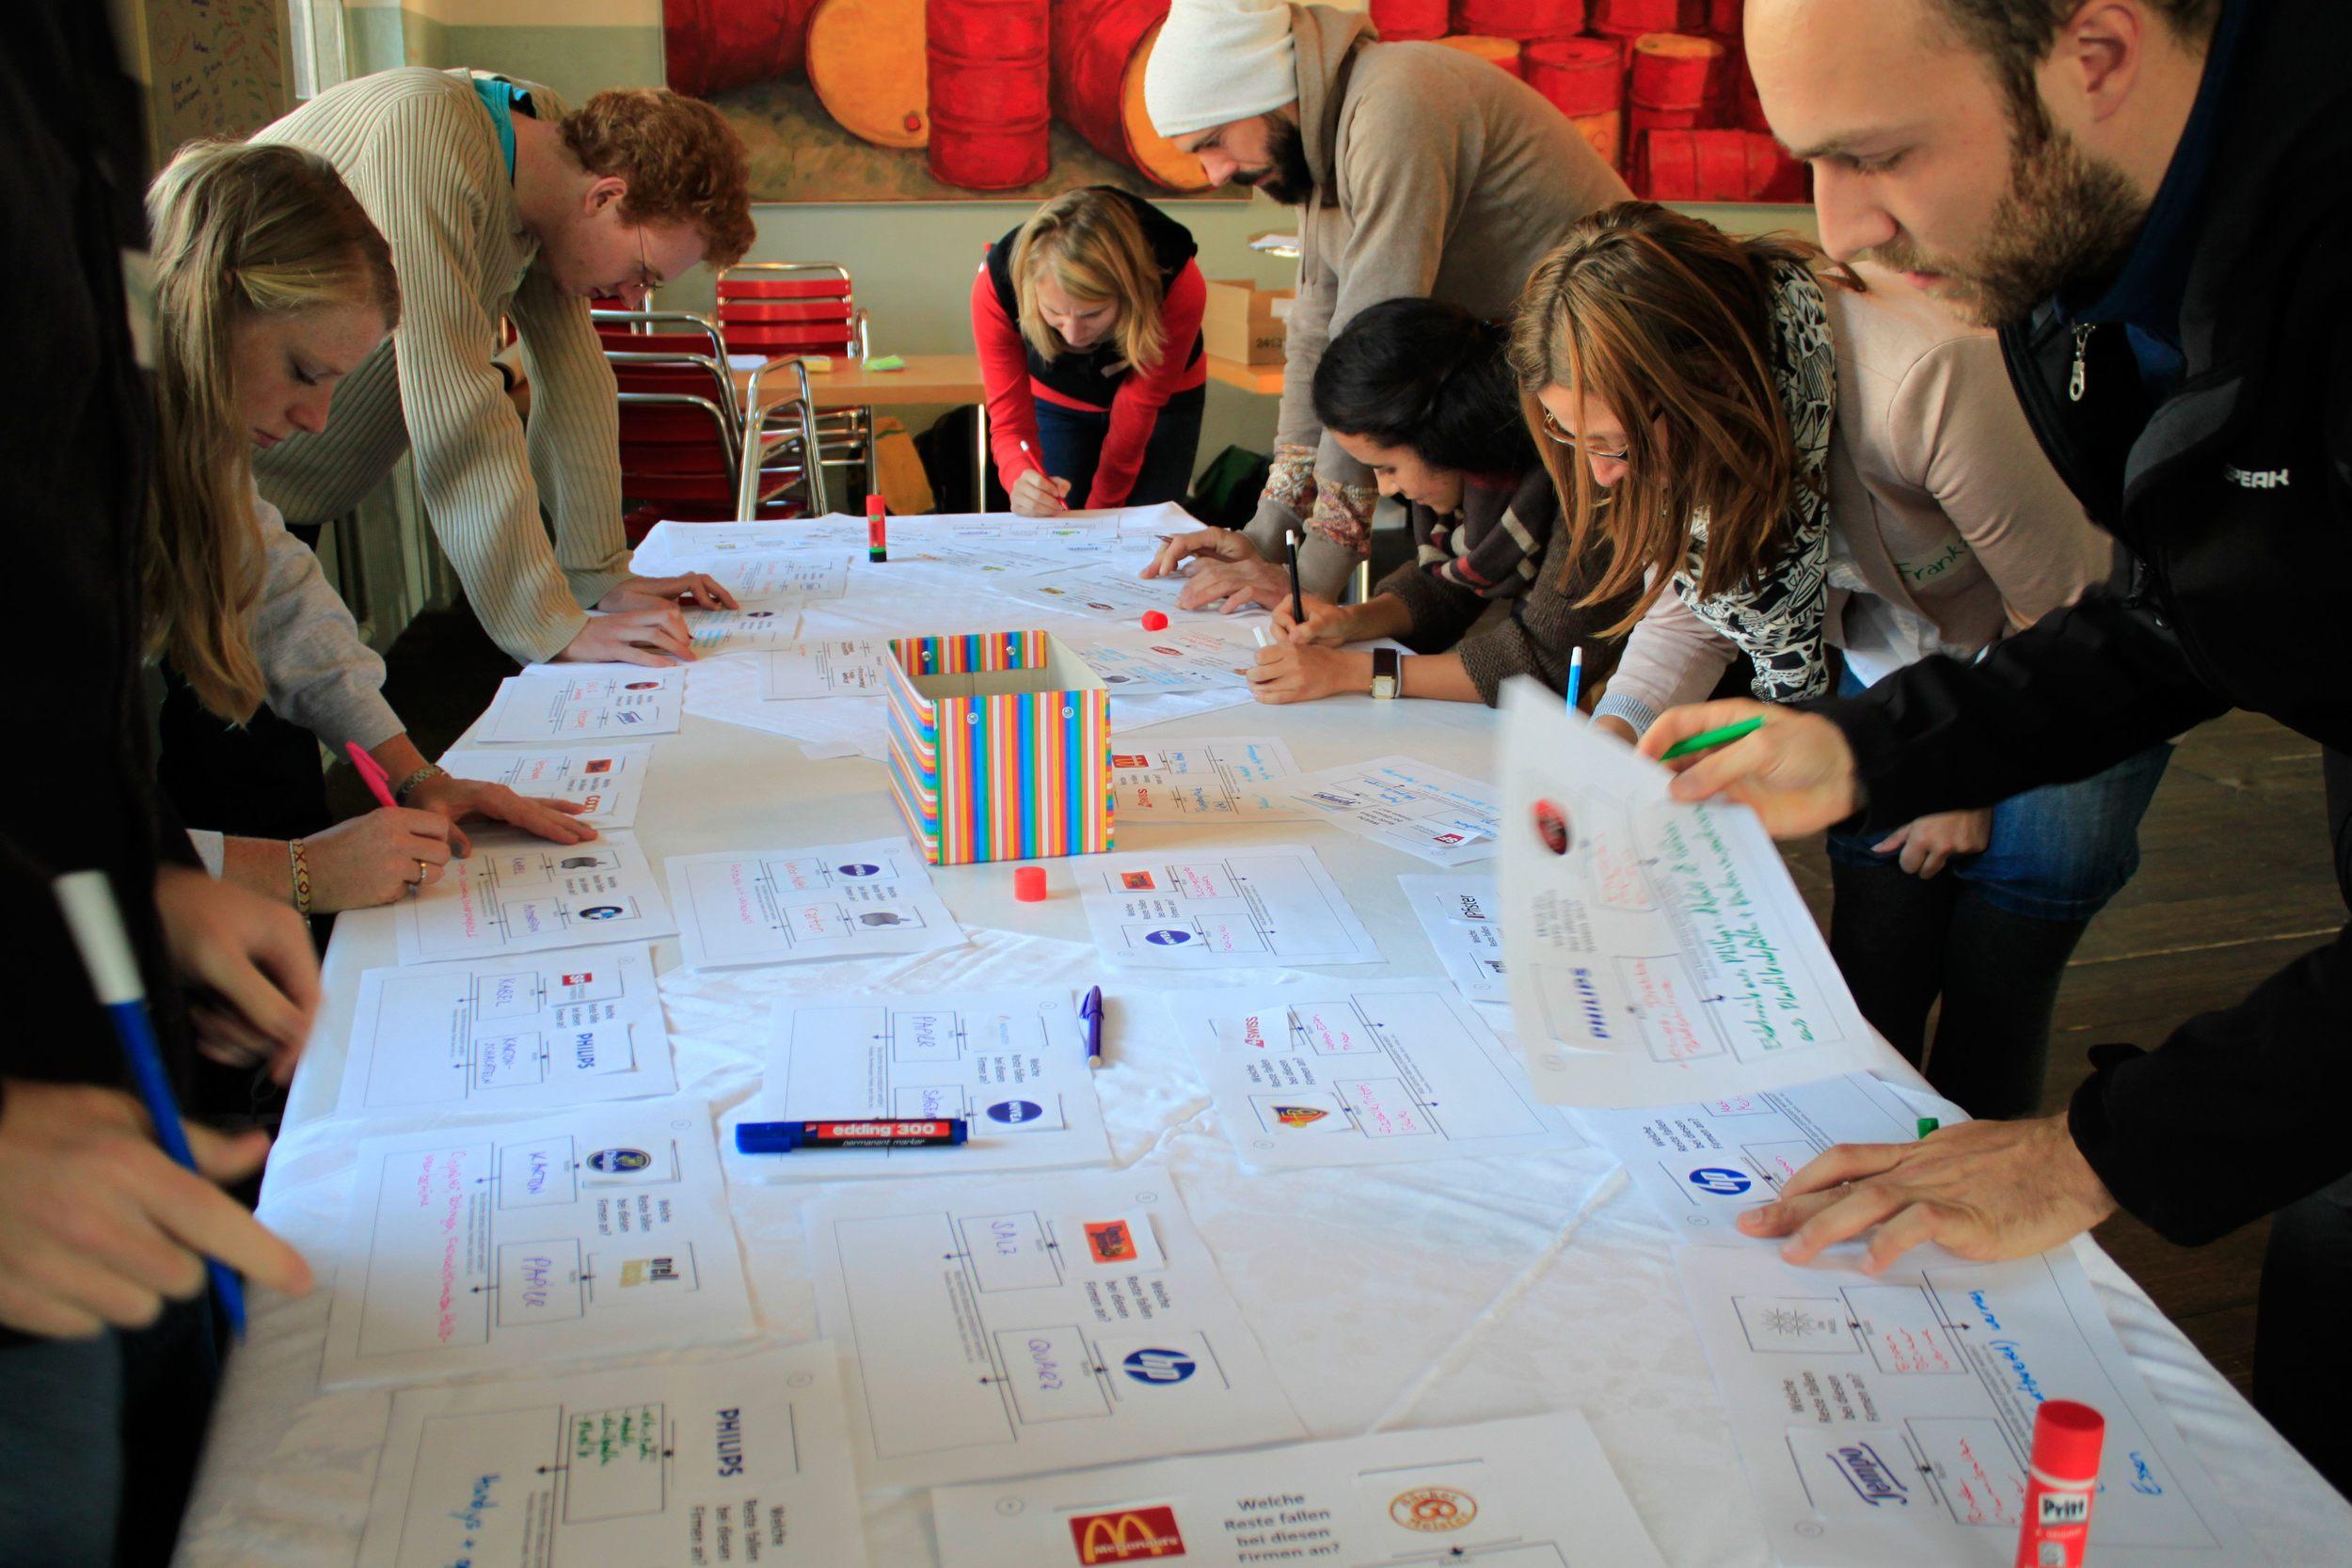 Kreativitätsworkshop, Fachstelle für Nachhaltigkeit der Universität Basel, Oktober 2014